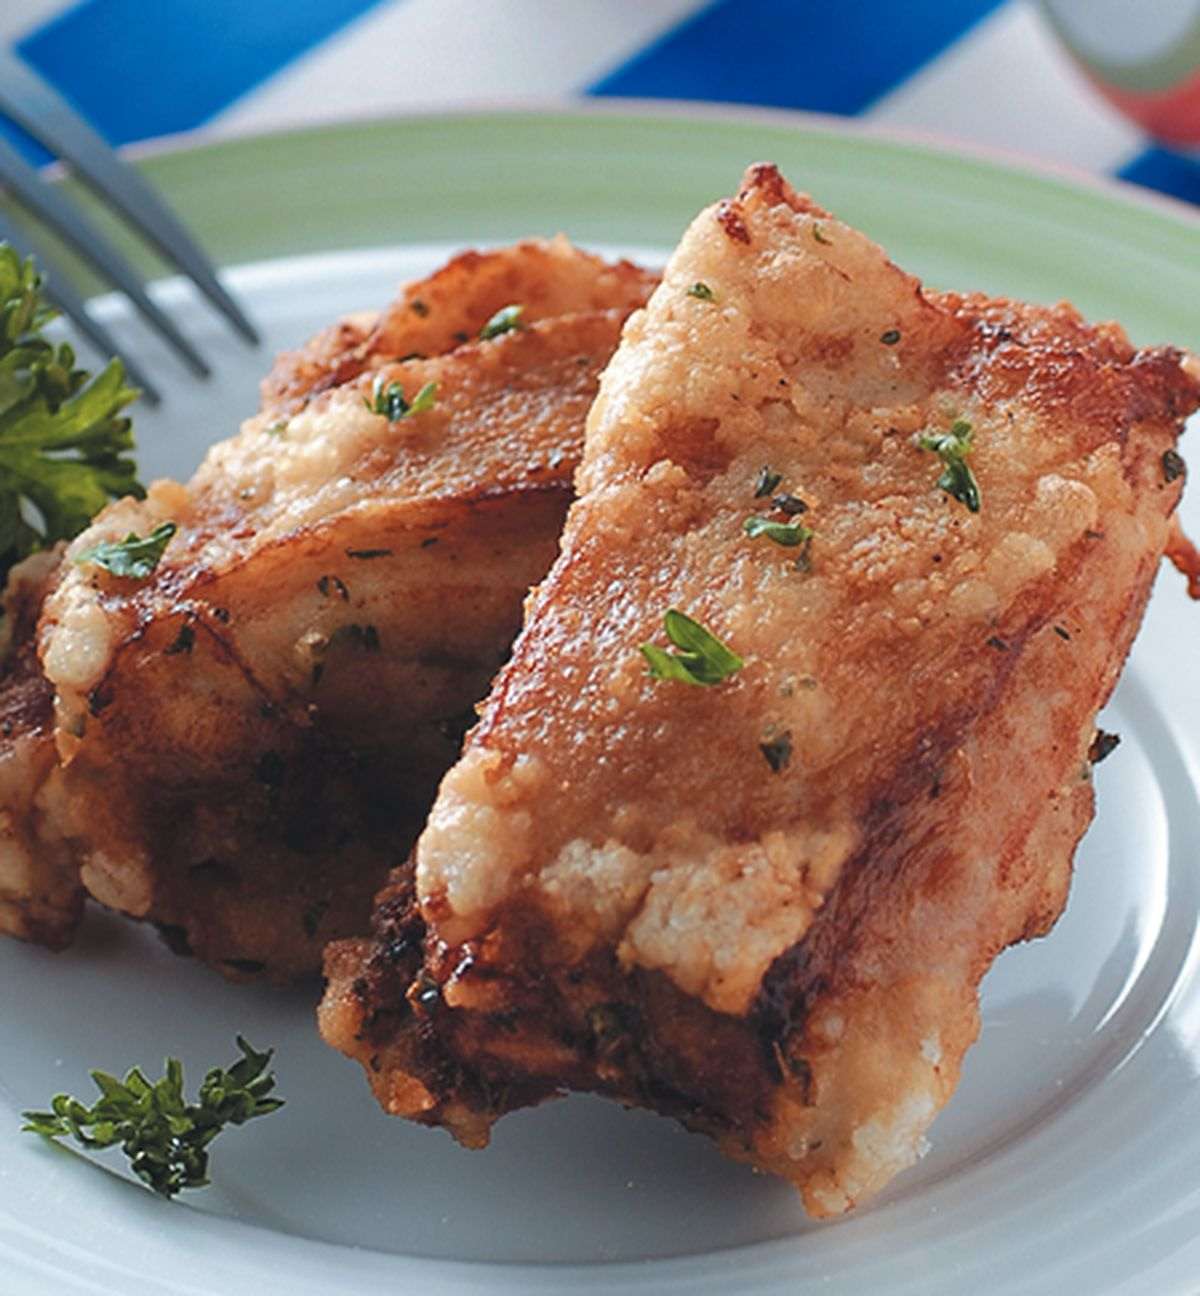 食譜:薄皮嫩雞